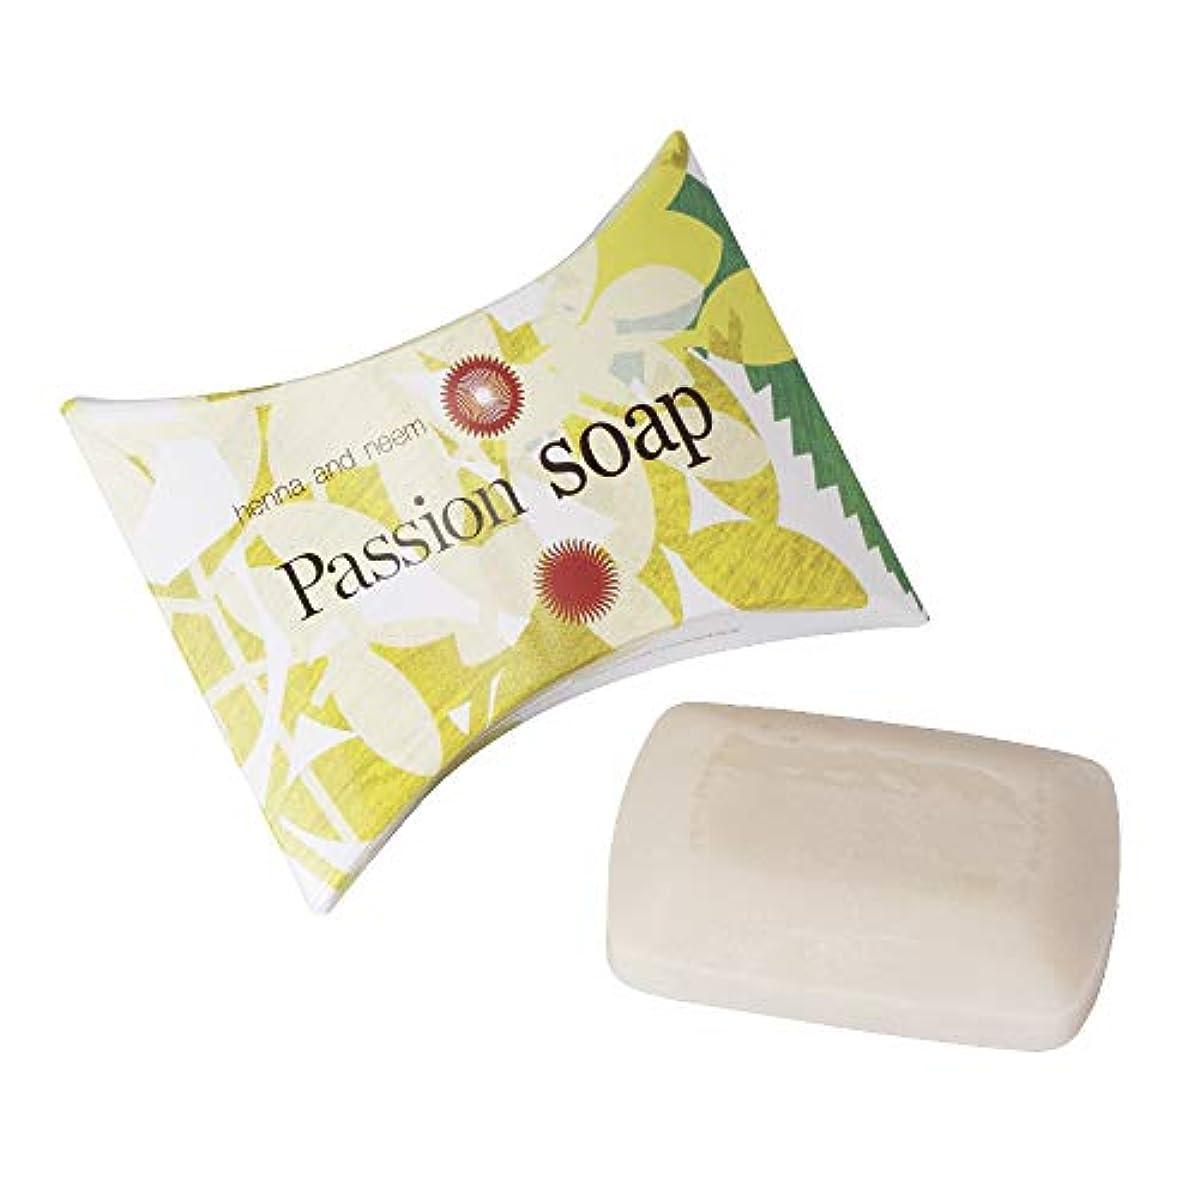 ヘナソープ PASSION SOAP 天然サポニンで洗う優しいハーブ石鹸